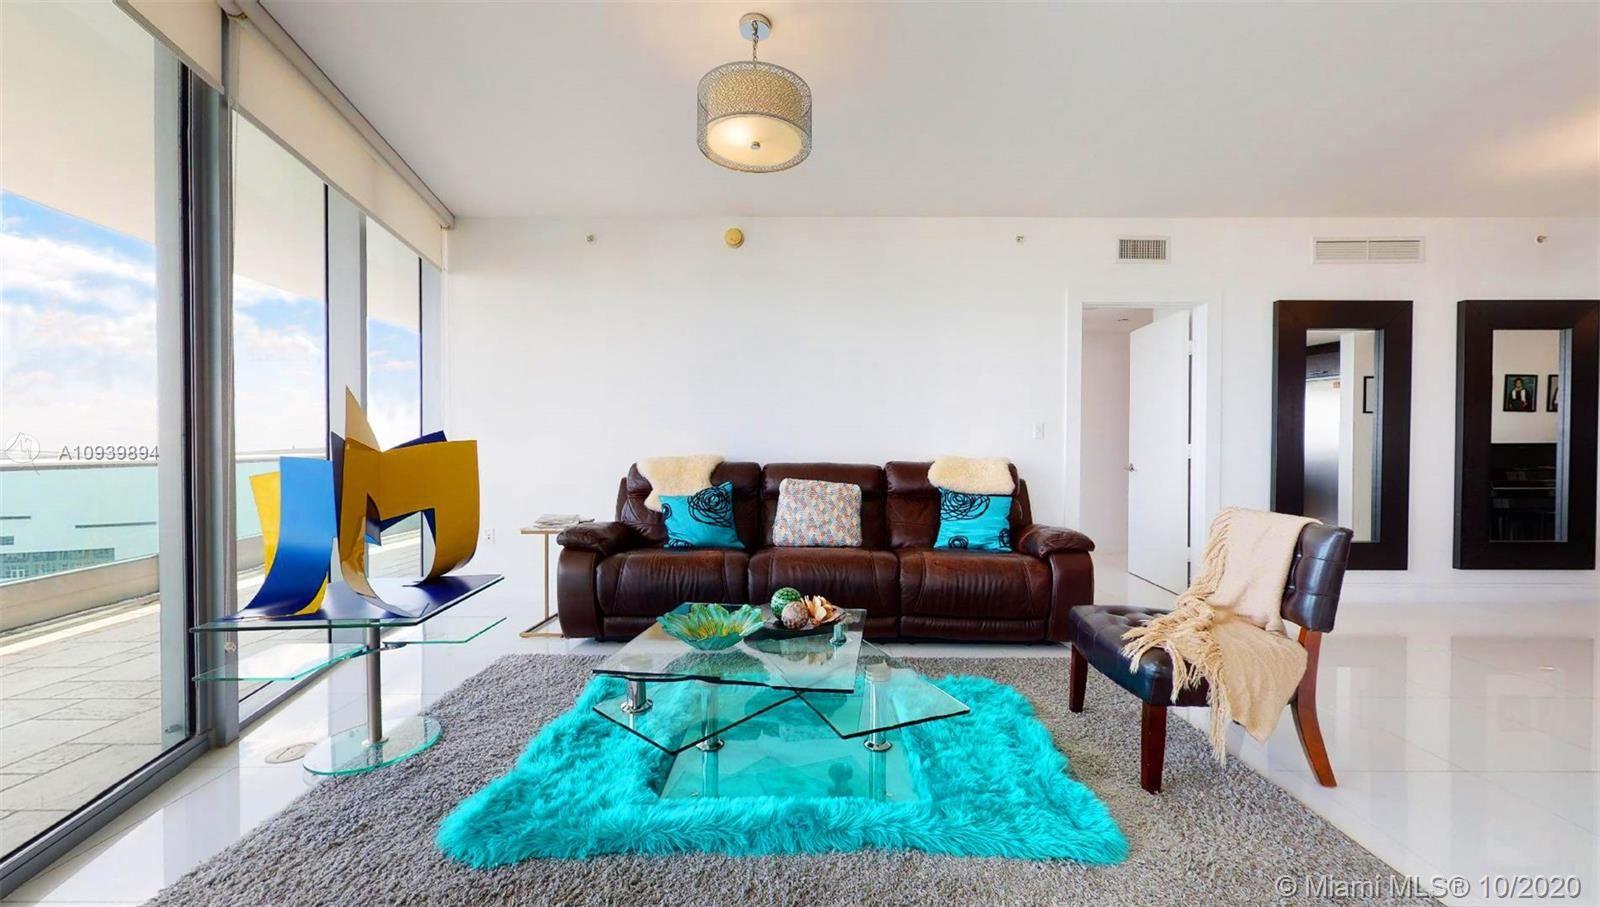 900 Biscayne Blvd #1806, Miami, FL 33132 - #: A10939894